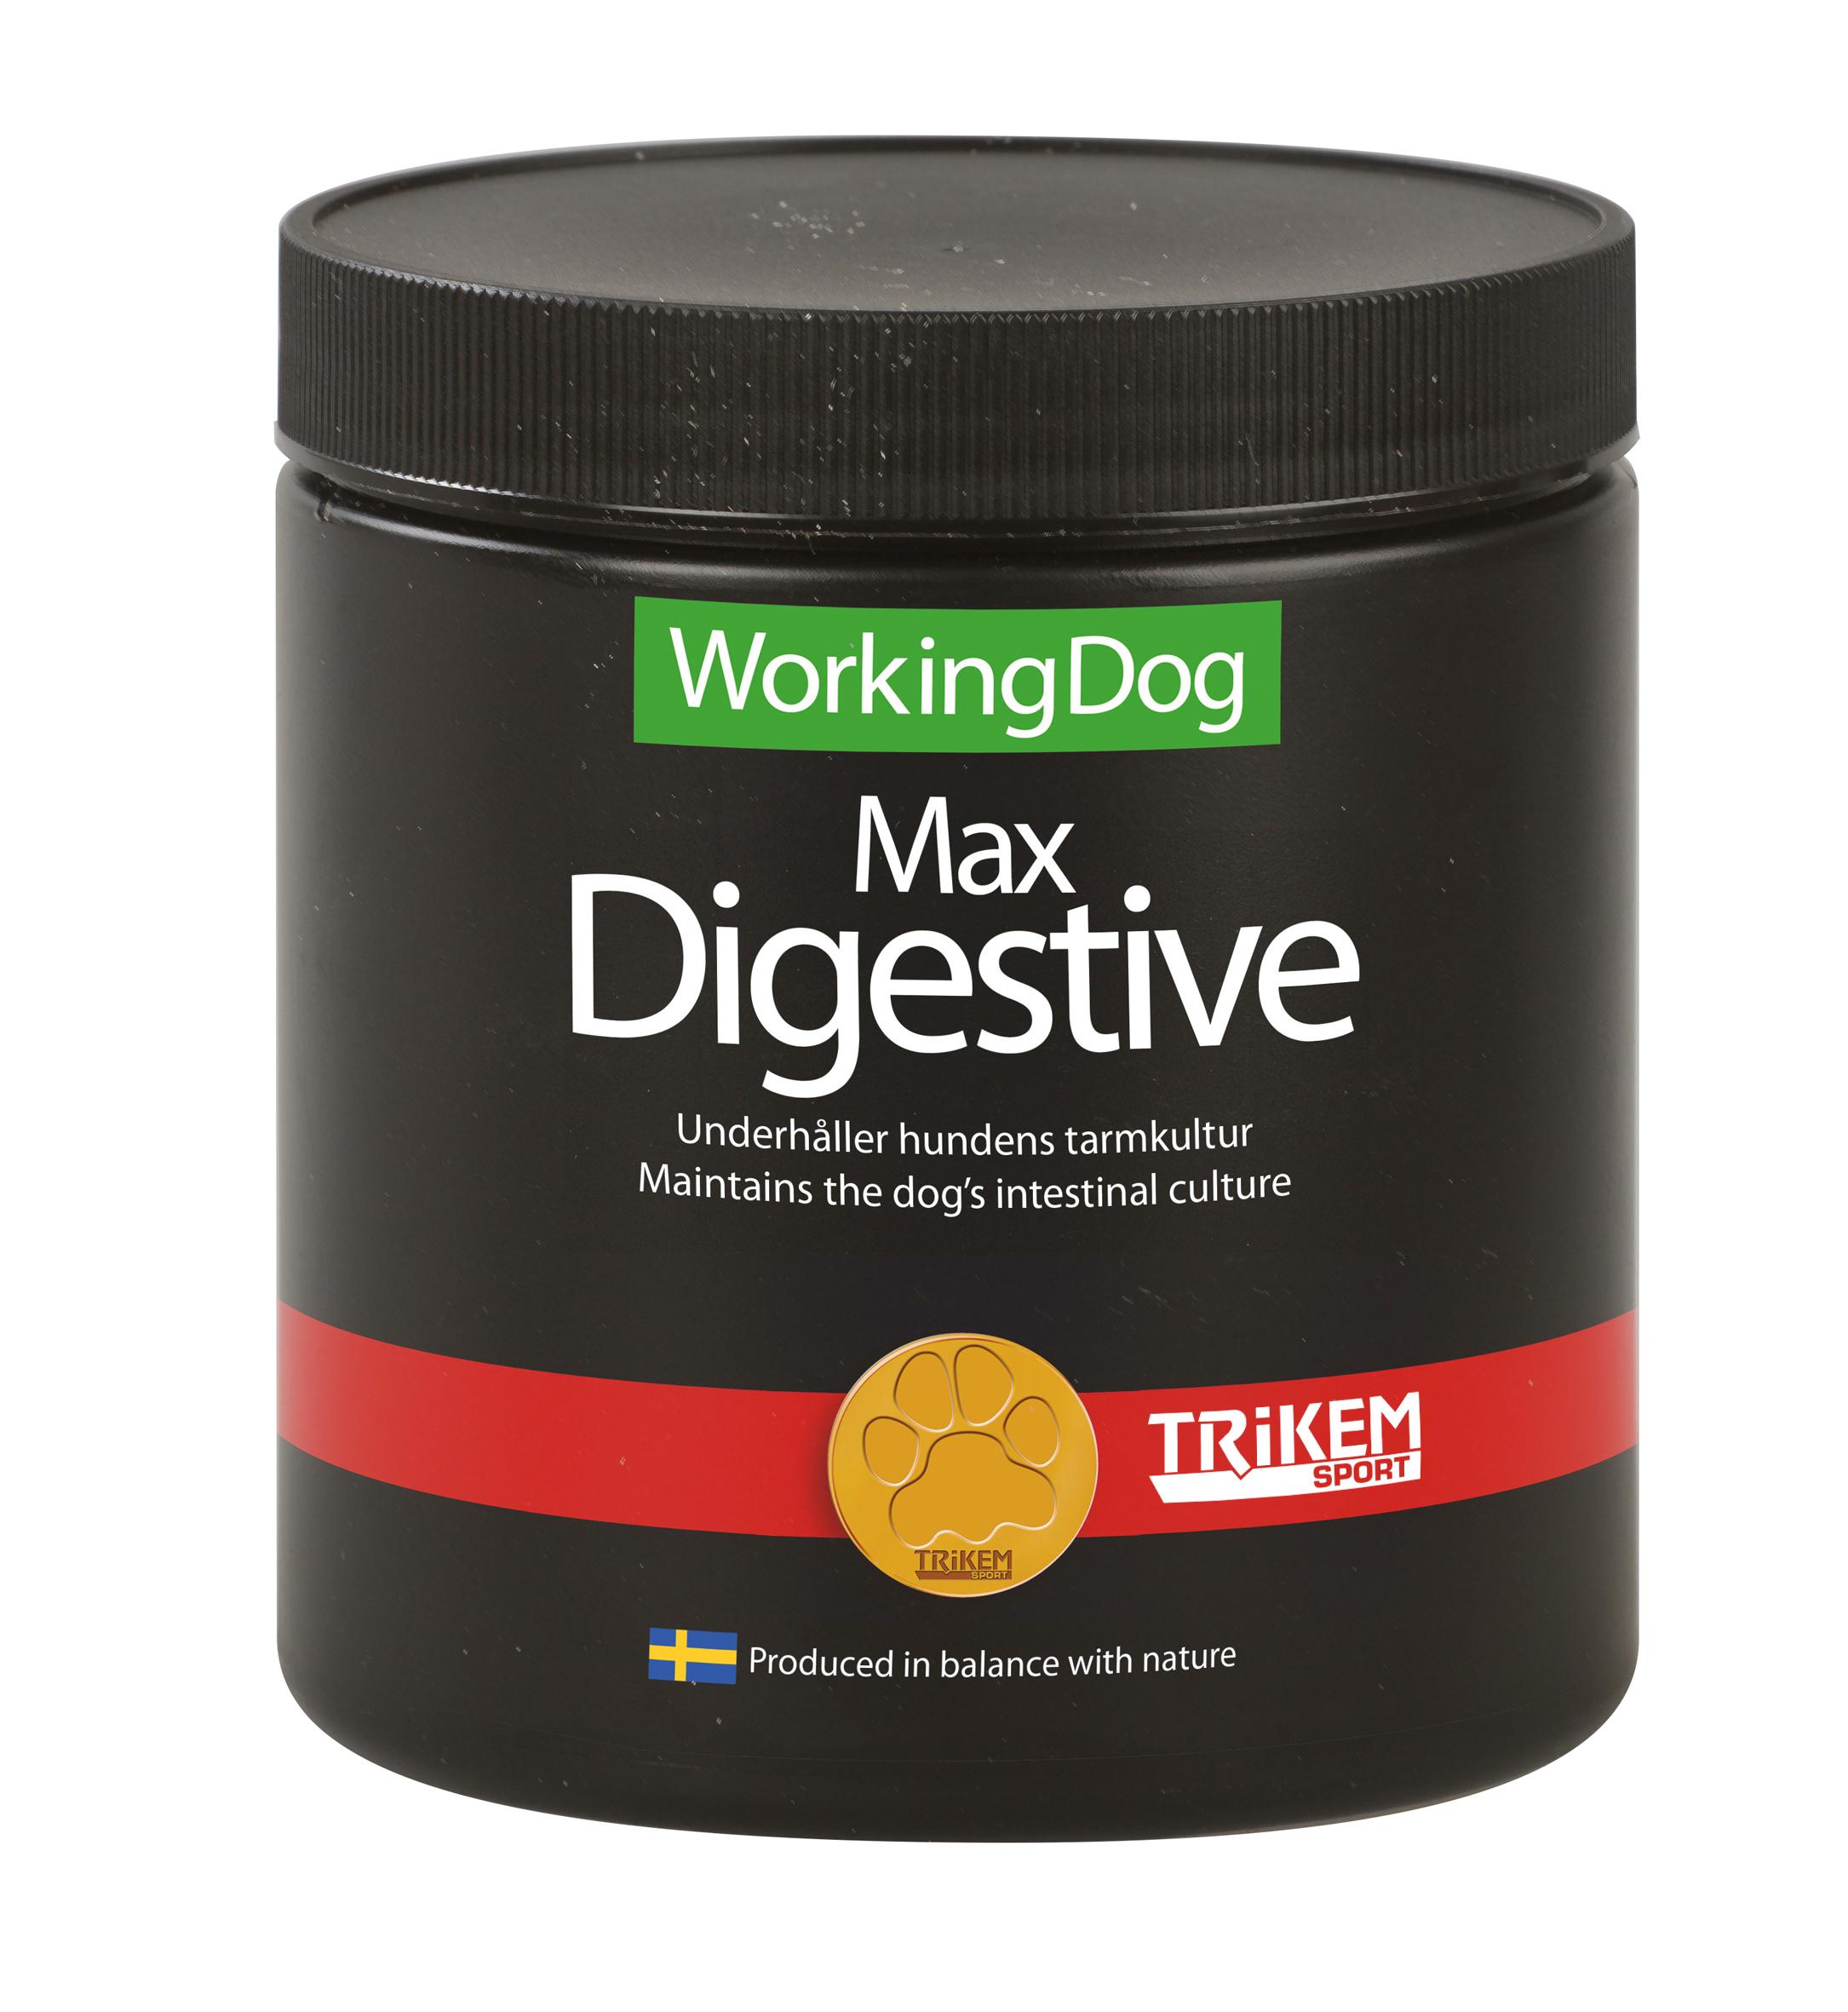 Max Digestive